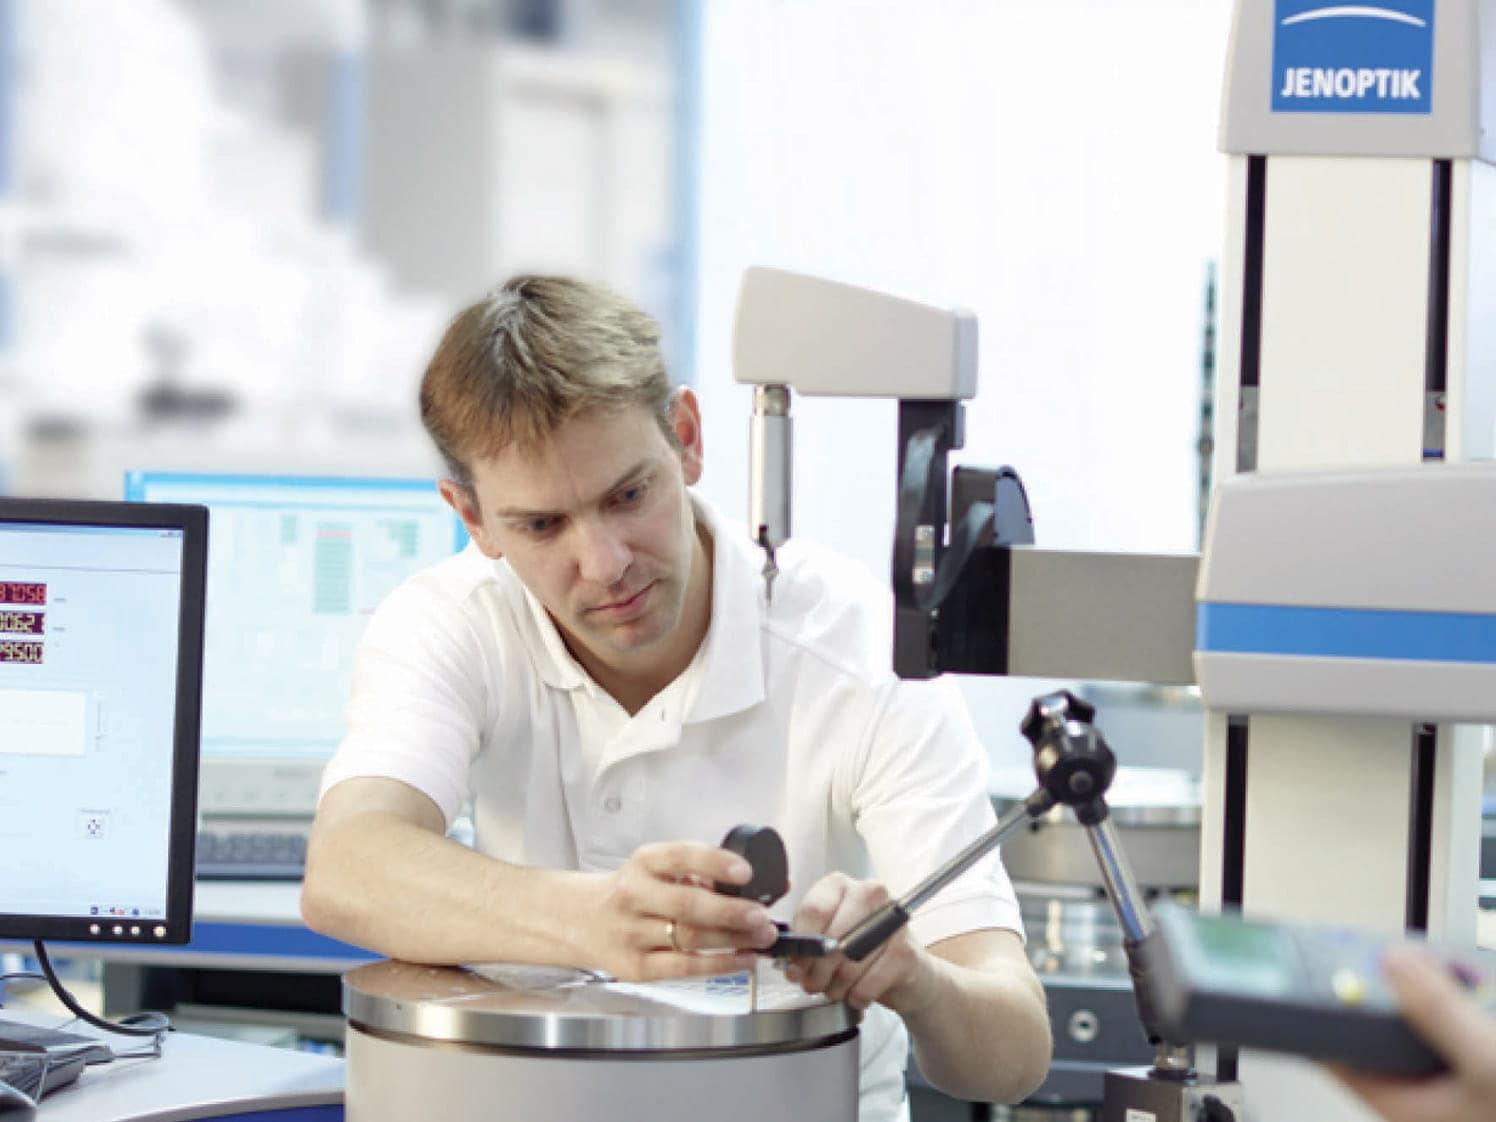 Laser Entfernungsmesser Jenoptik : Service industrielle messtechnik jenoptik